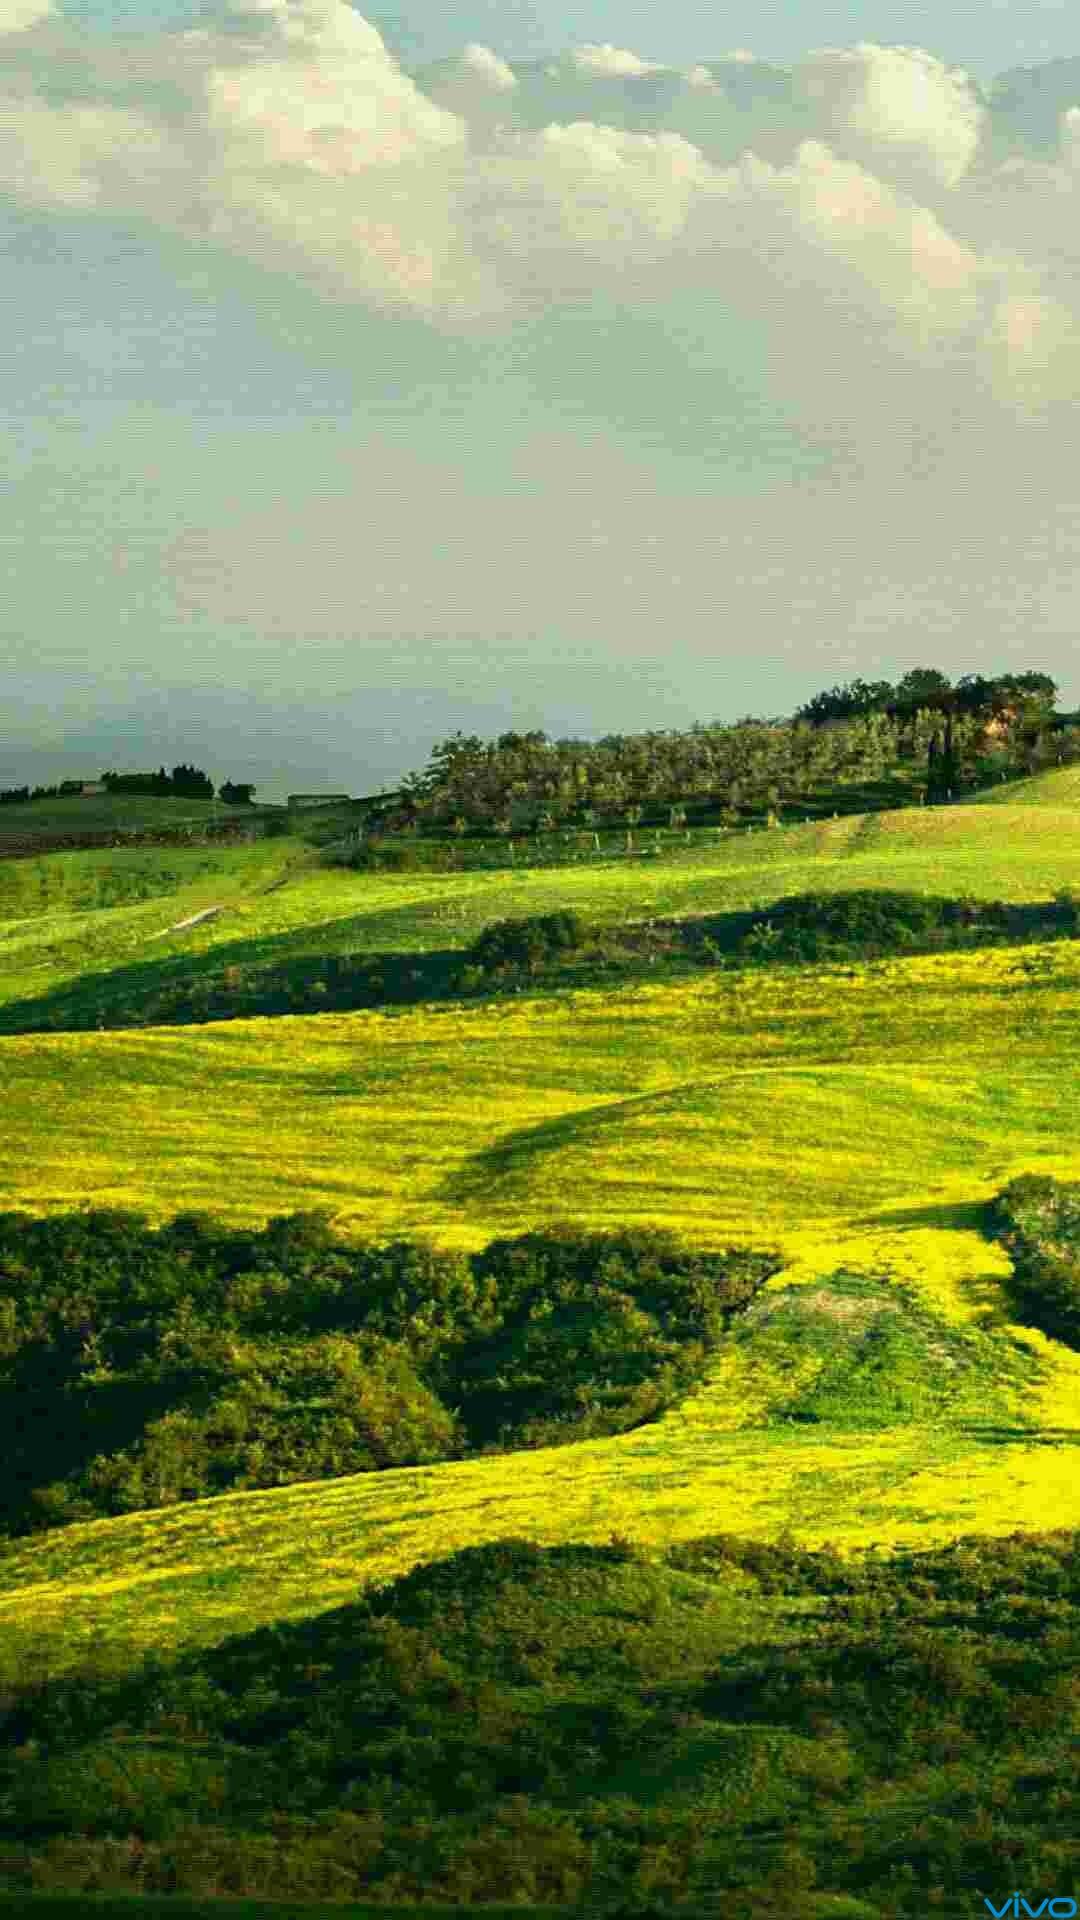 壁纸 成片种植 风景 植物 种植基地 桌面 1080_1920 竖版 竖屏 手机